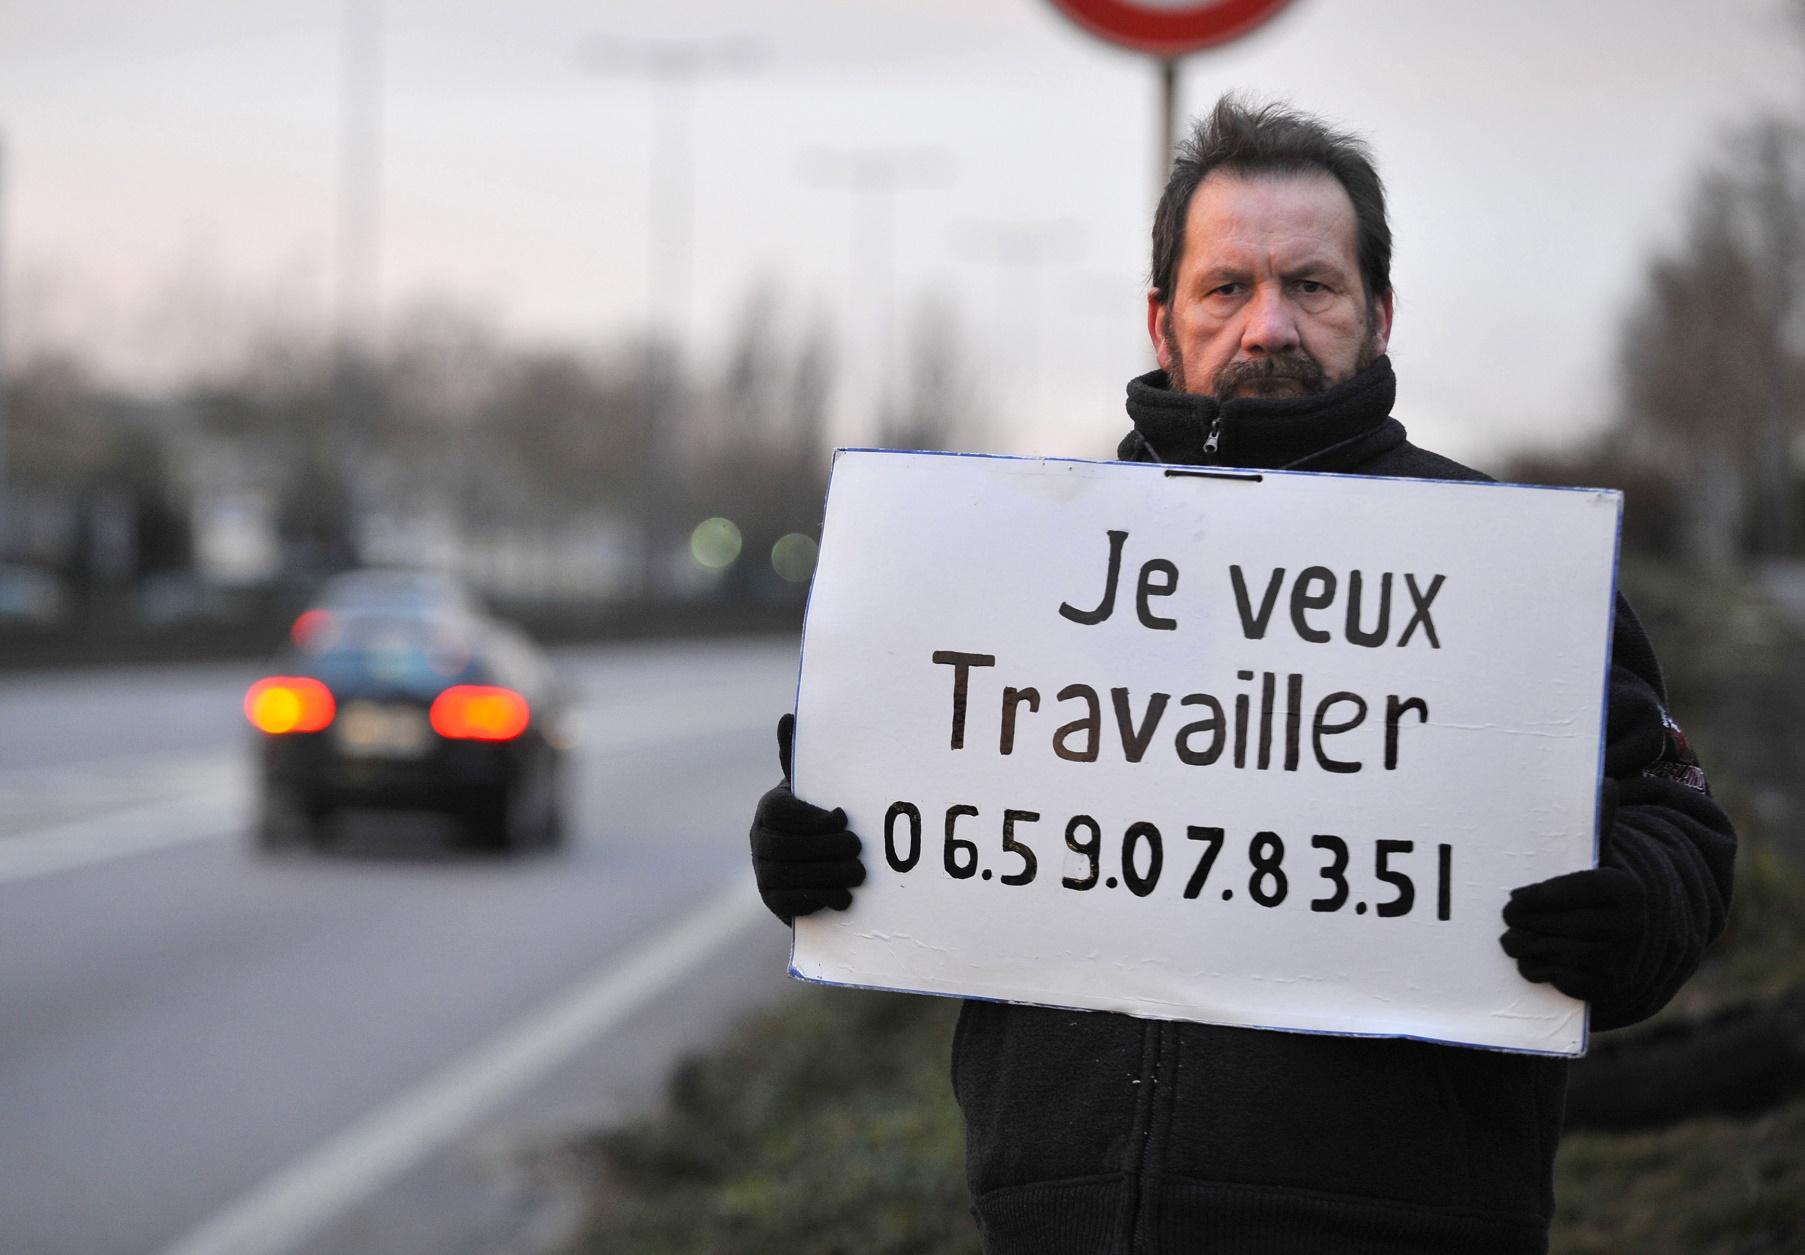 """O francês Gilles Latraye, de 57 anos, é um exemplo dos muitos jovens de 50 ou mais que buscam oportunidades: """"Eu quero trabalhar"""", diz o cartaz. Foto de Jean Christophe Verhaegen/AFP"""